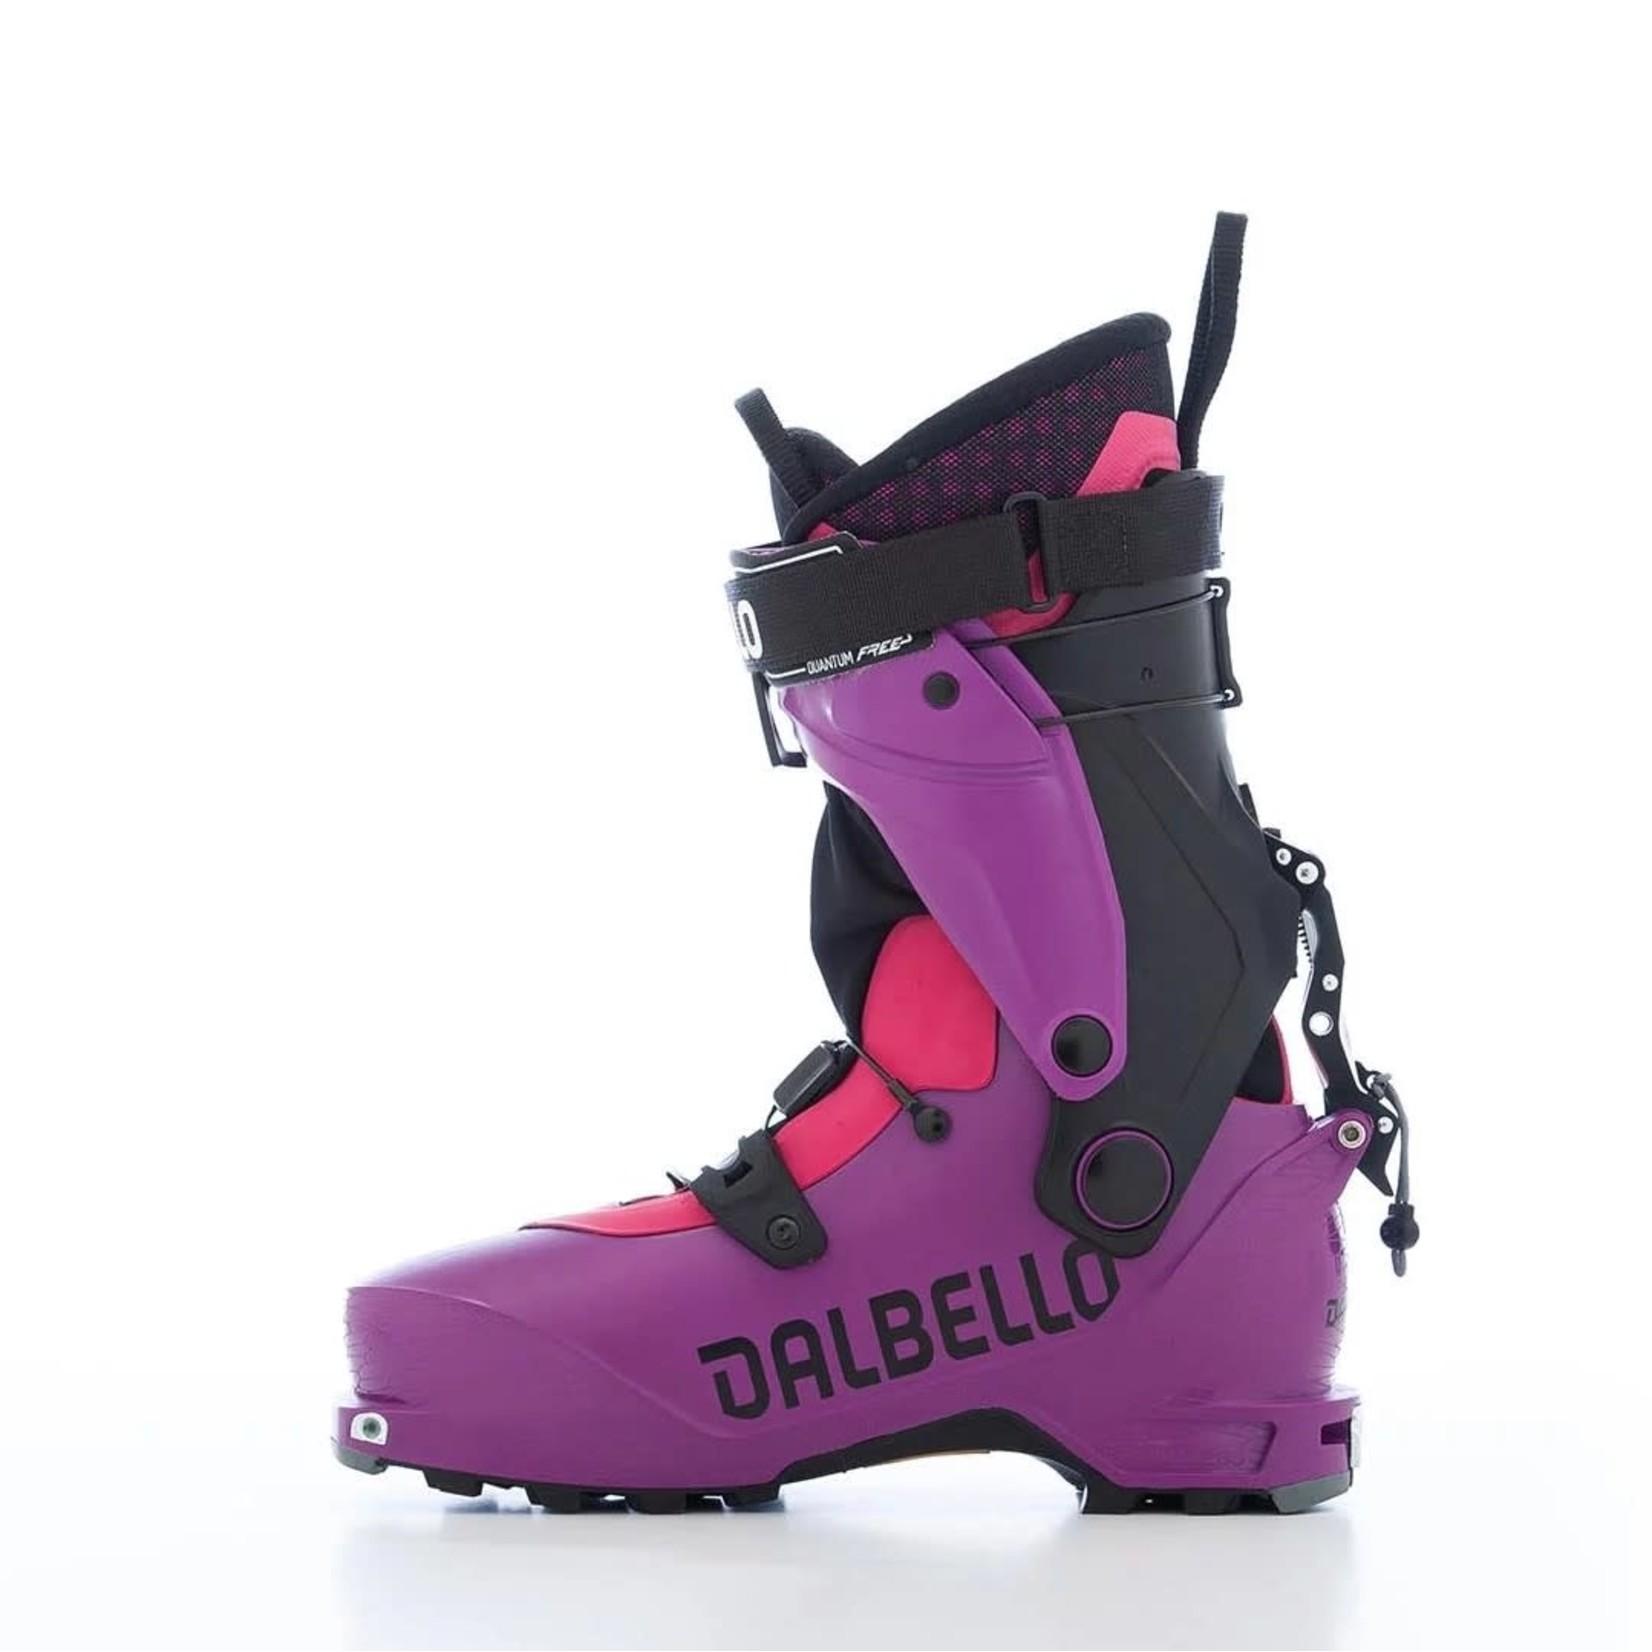 Botte de ski Dalbello Quantum Free 105 - Femme